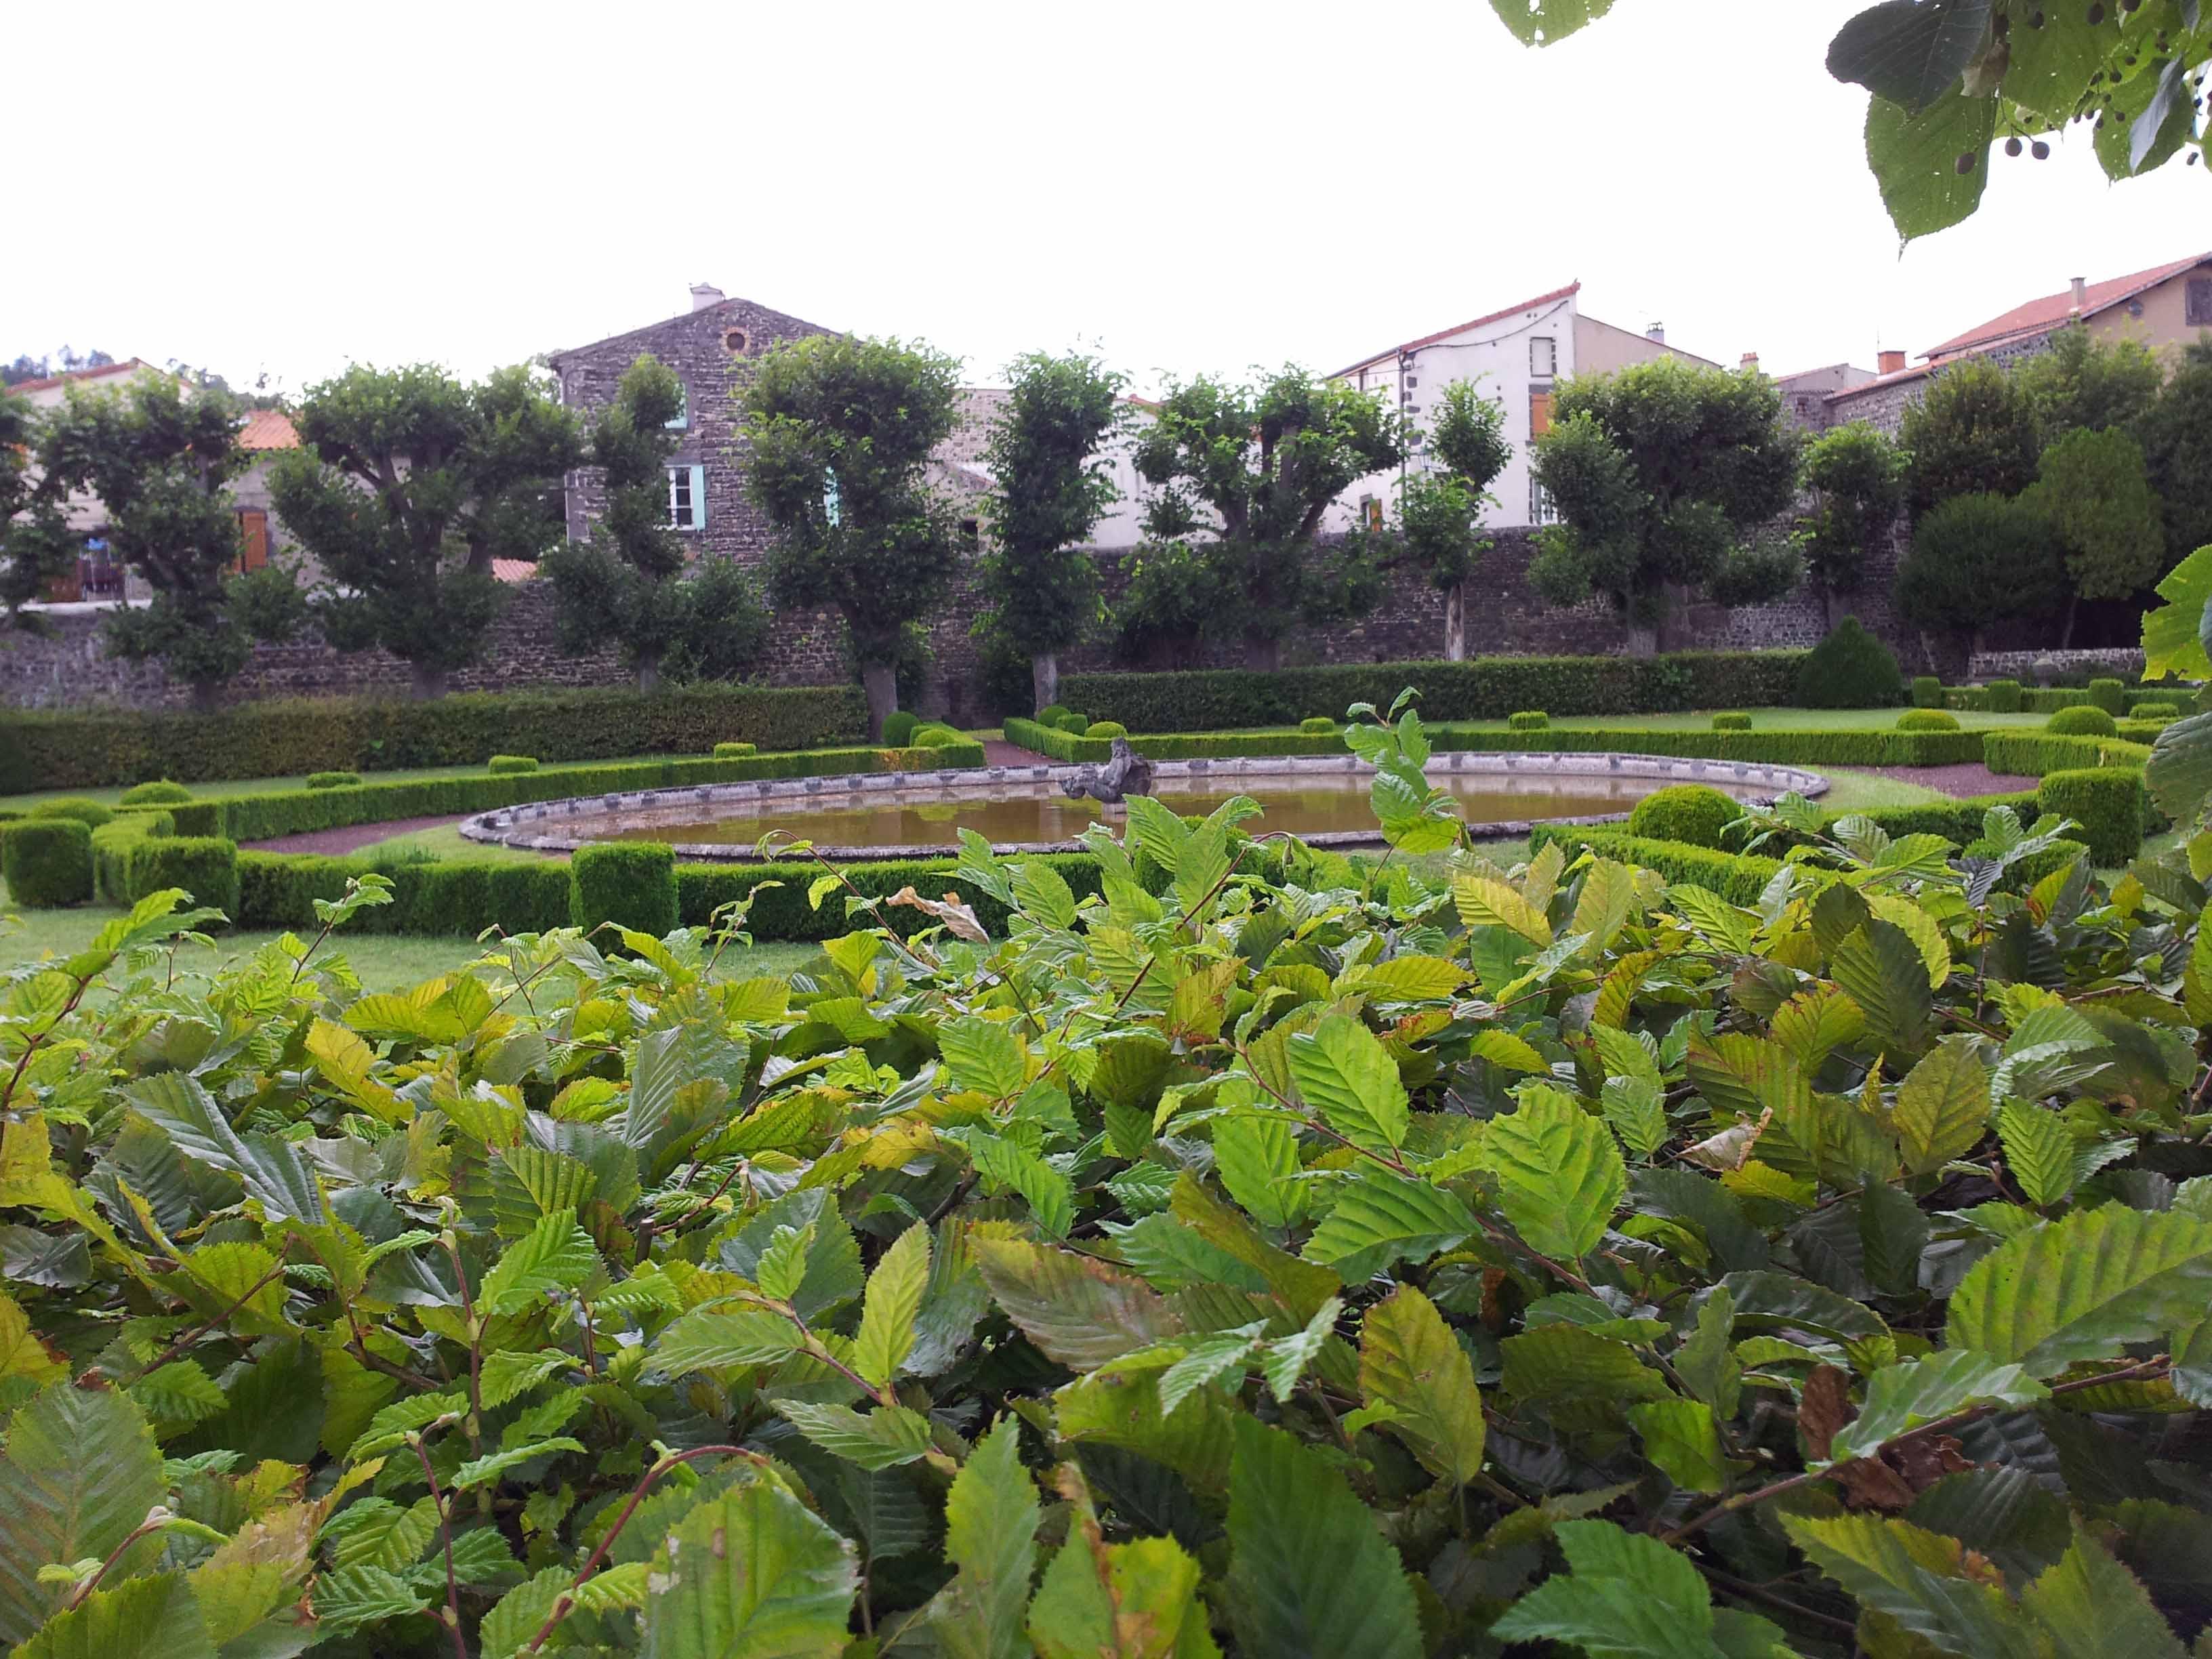 File Ch¢teau d Opme jardin potager et bassin Wikimedia mons